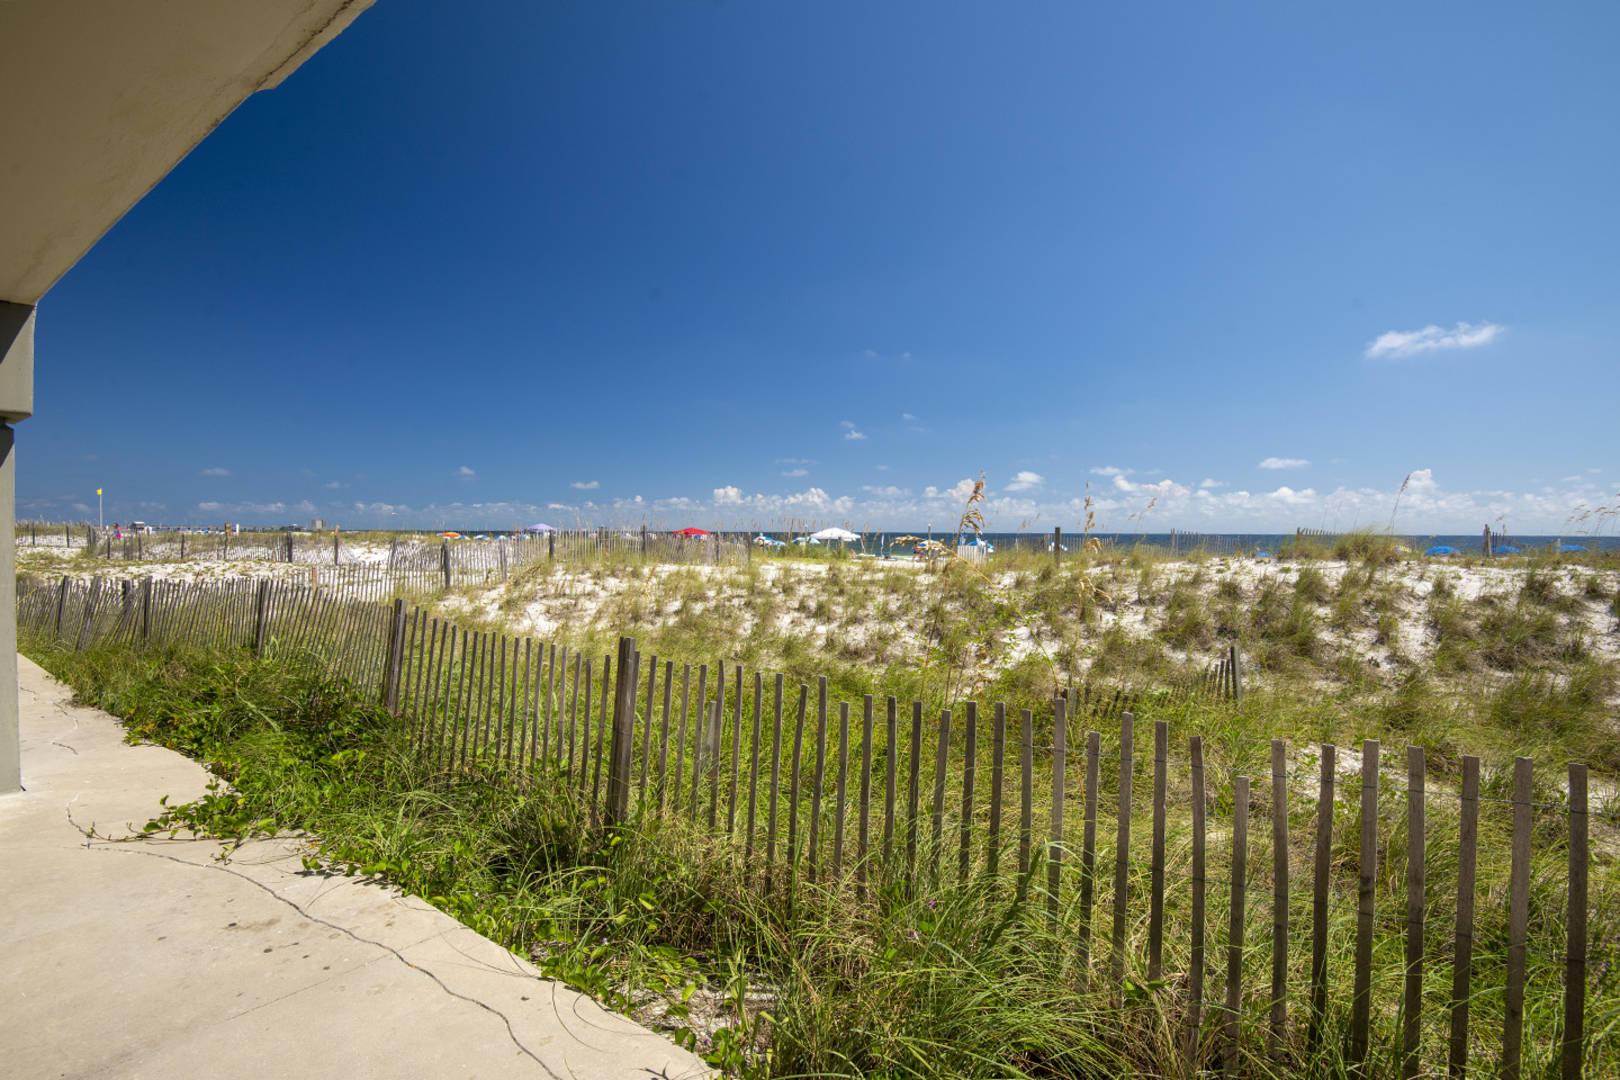 427 E. Beach Blvd, Unit 661 Gulf Shores, AL 36542